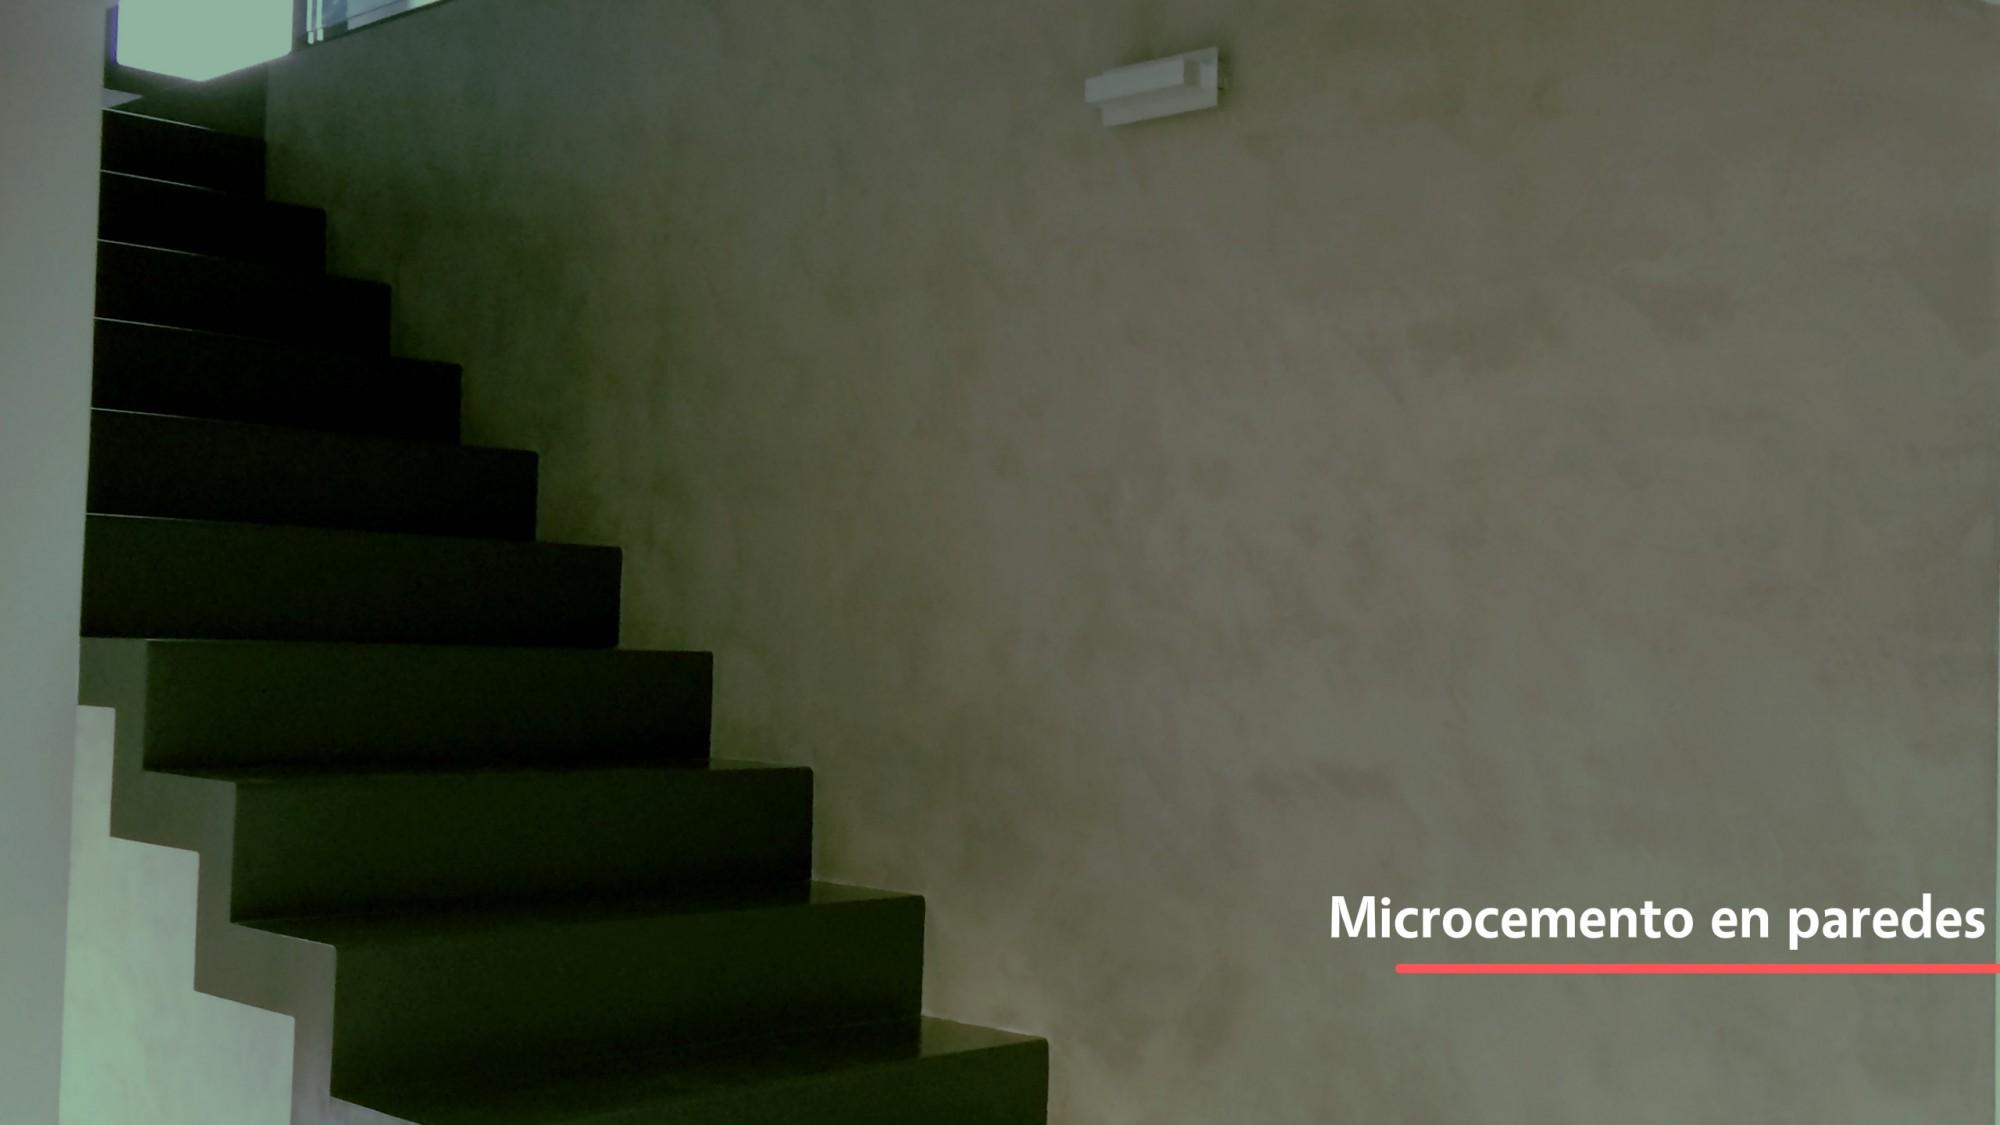 Microcemento usado en paredes